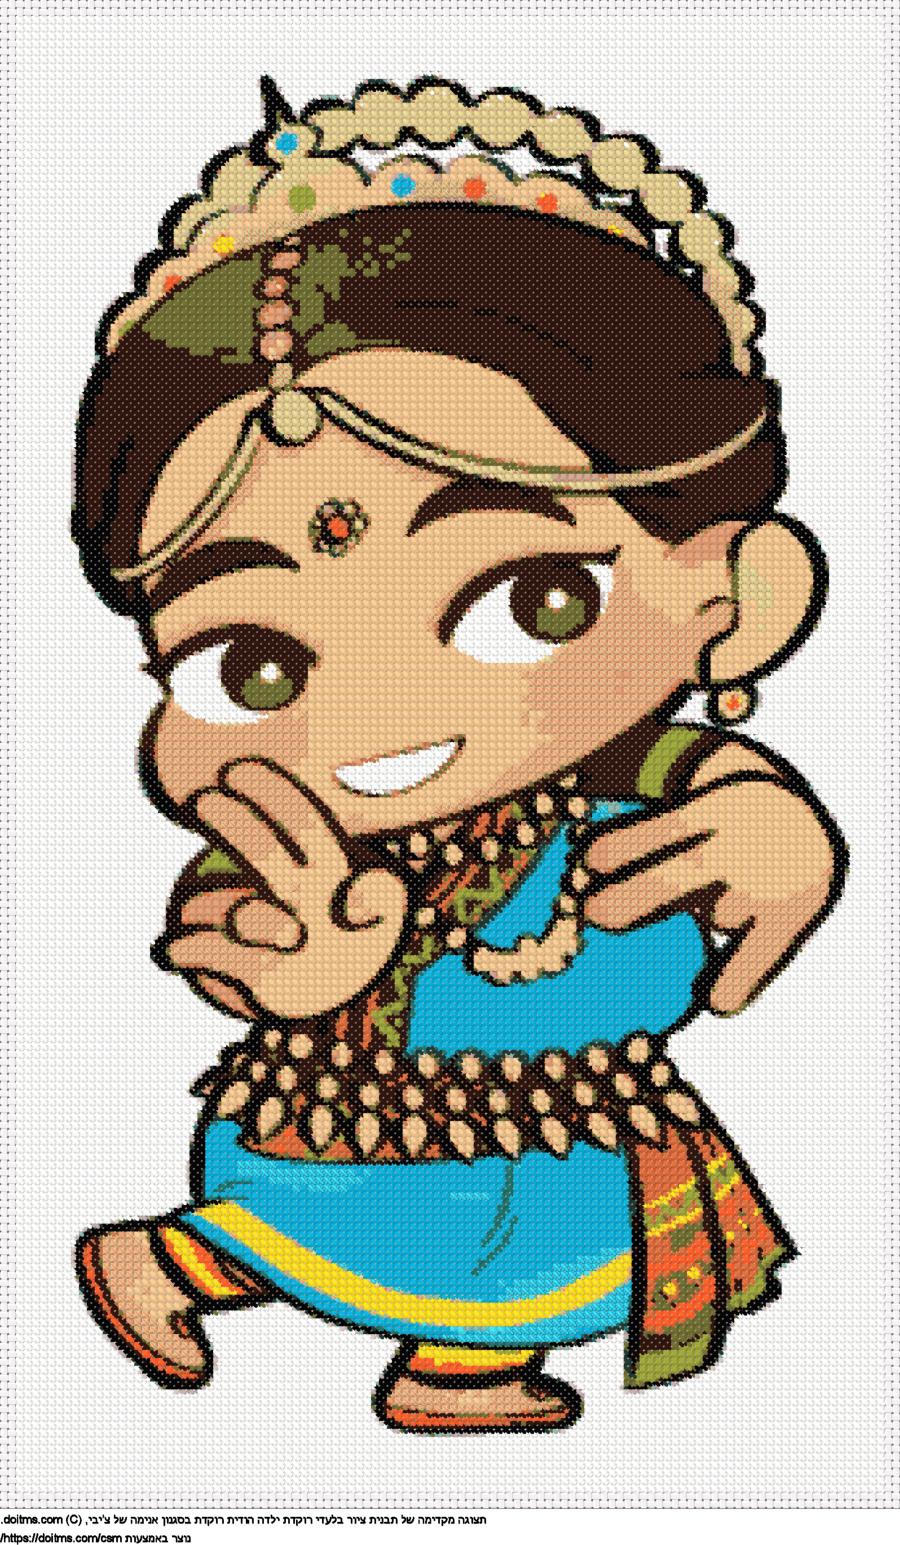 נערת ריקודים הודית צ'יבי